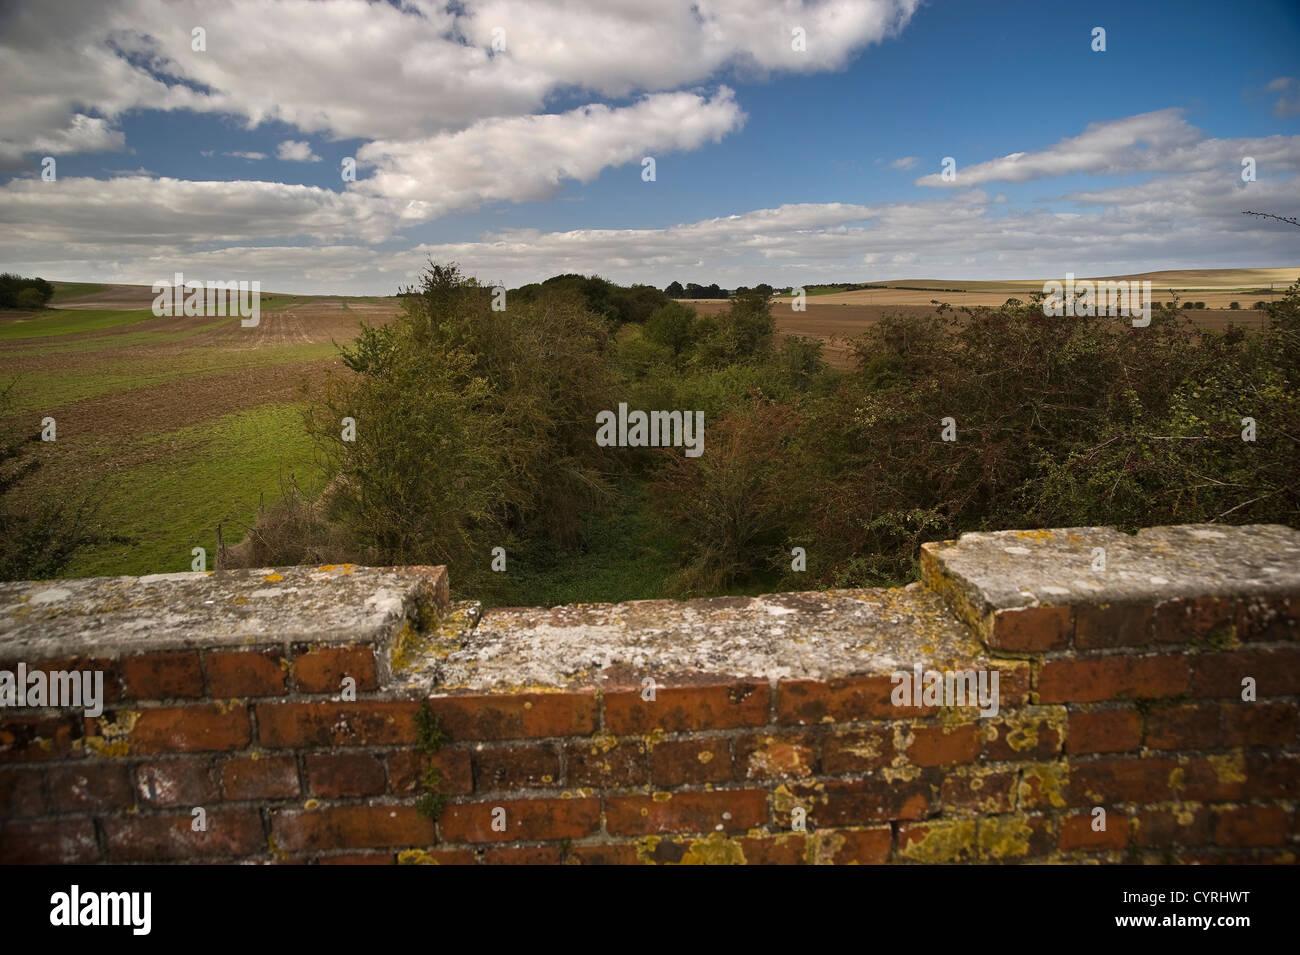 La línea de ferrocarril en desuso entre Southampton y Didcot cruzando el Ridgeway National Trail cerca de Compton, Oxfordshire, REINO UNIDO Foto de stock